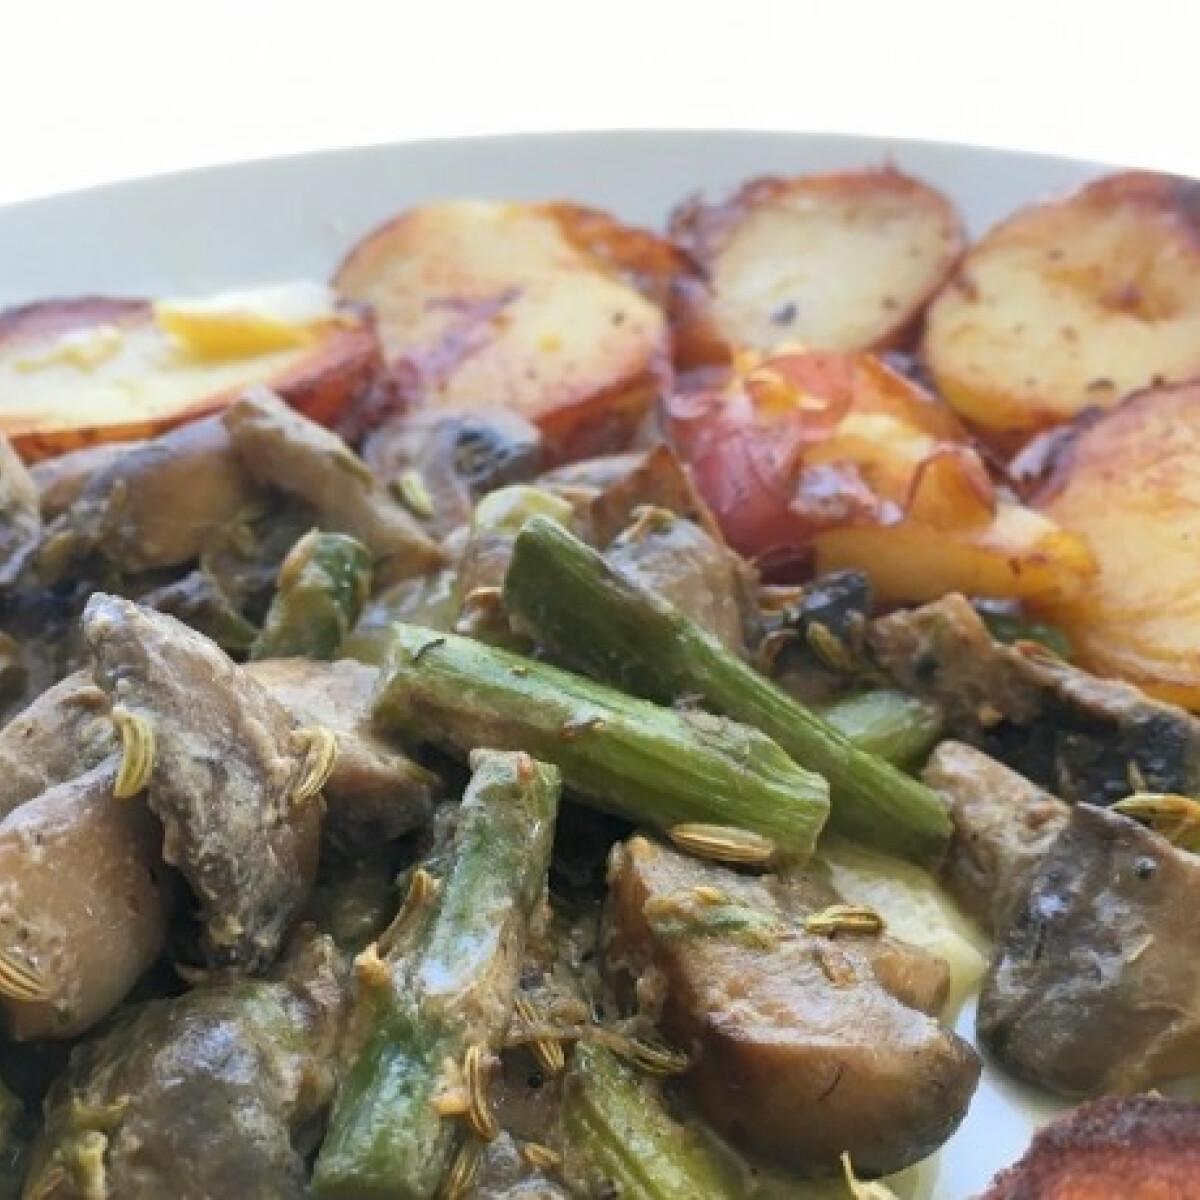 Tejfölös gomba és spárga sült krumplival